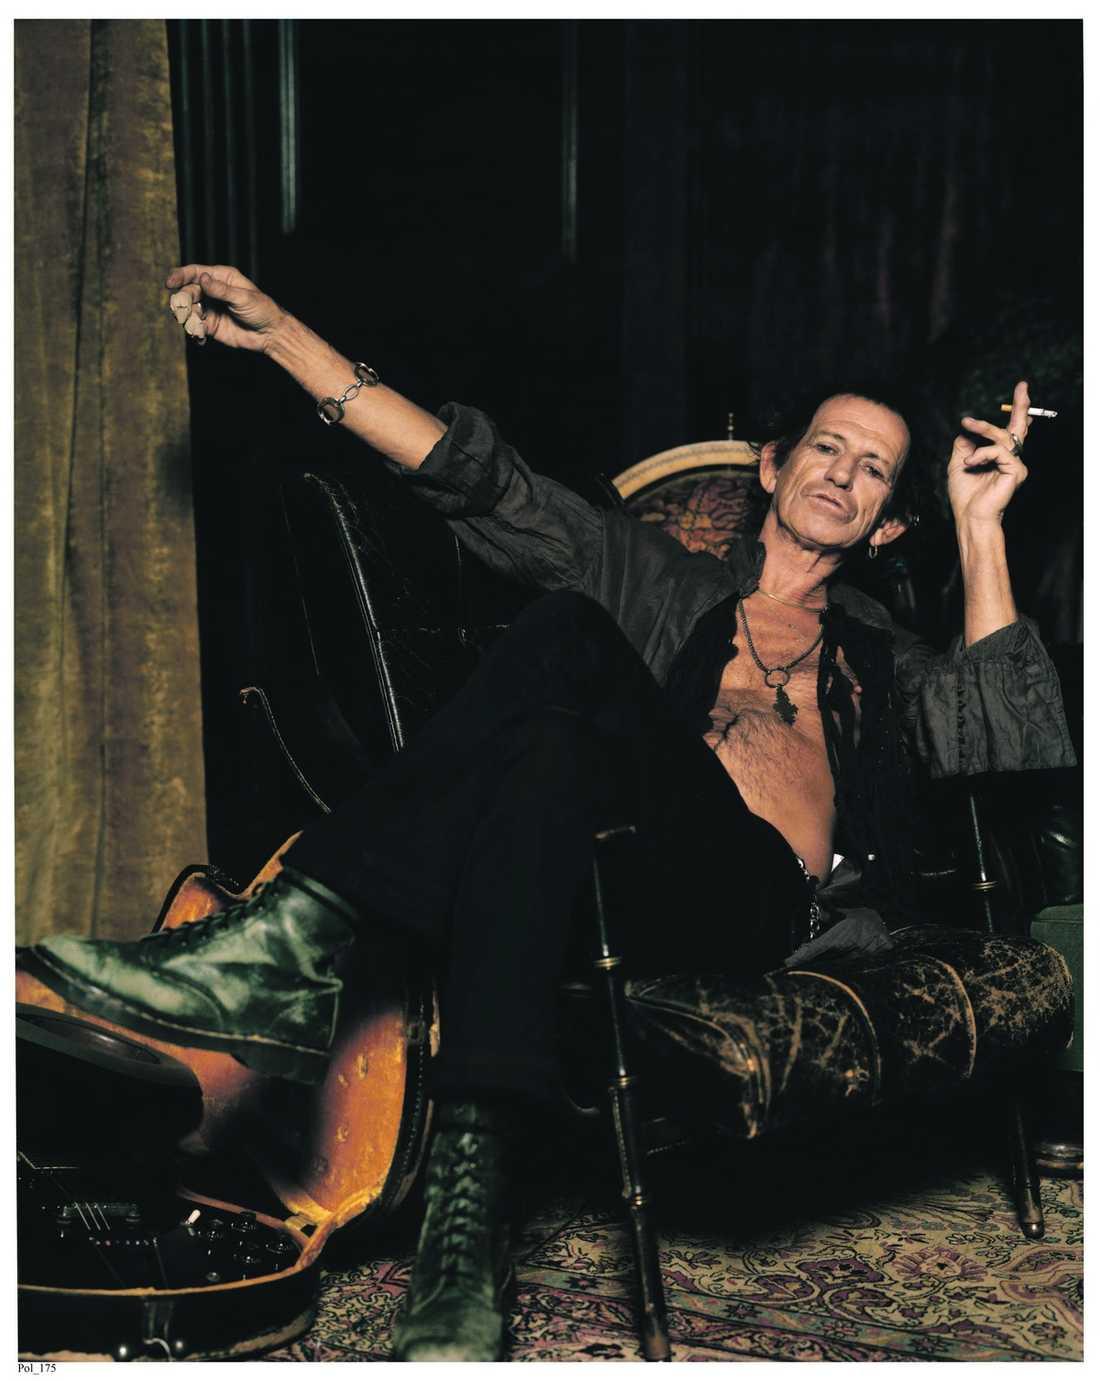 """""""Jag bär kniv – men inte nu"""" Keith Richards brukar bära en jamaicansk kniv på sig. """"Yeah. Jag bär kniv. Men jag har inte på den nu. Antagligen är det kvarleva från min tid som knarkare, när jag kunde hamna i konstiga och farliga situationer. Det känns alltid bra och tryggt att känna lite metall mot kroppen. Bara för att kunna komma undan om saker och ting blir elaka"""", säger Rolling Stones-gitarristen."""